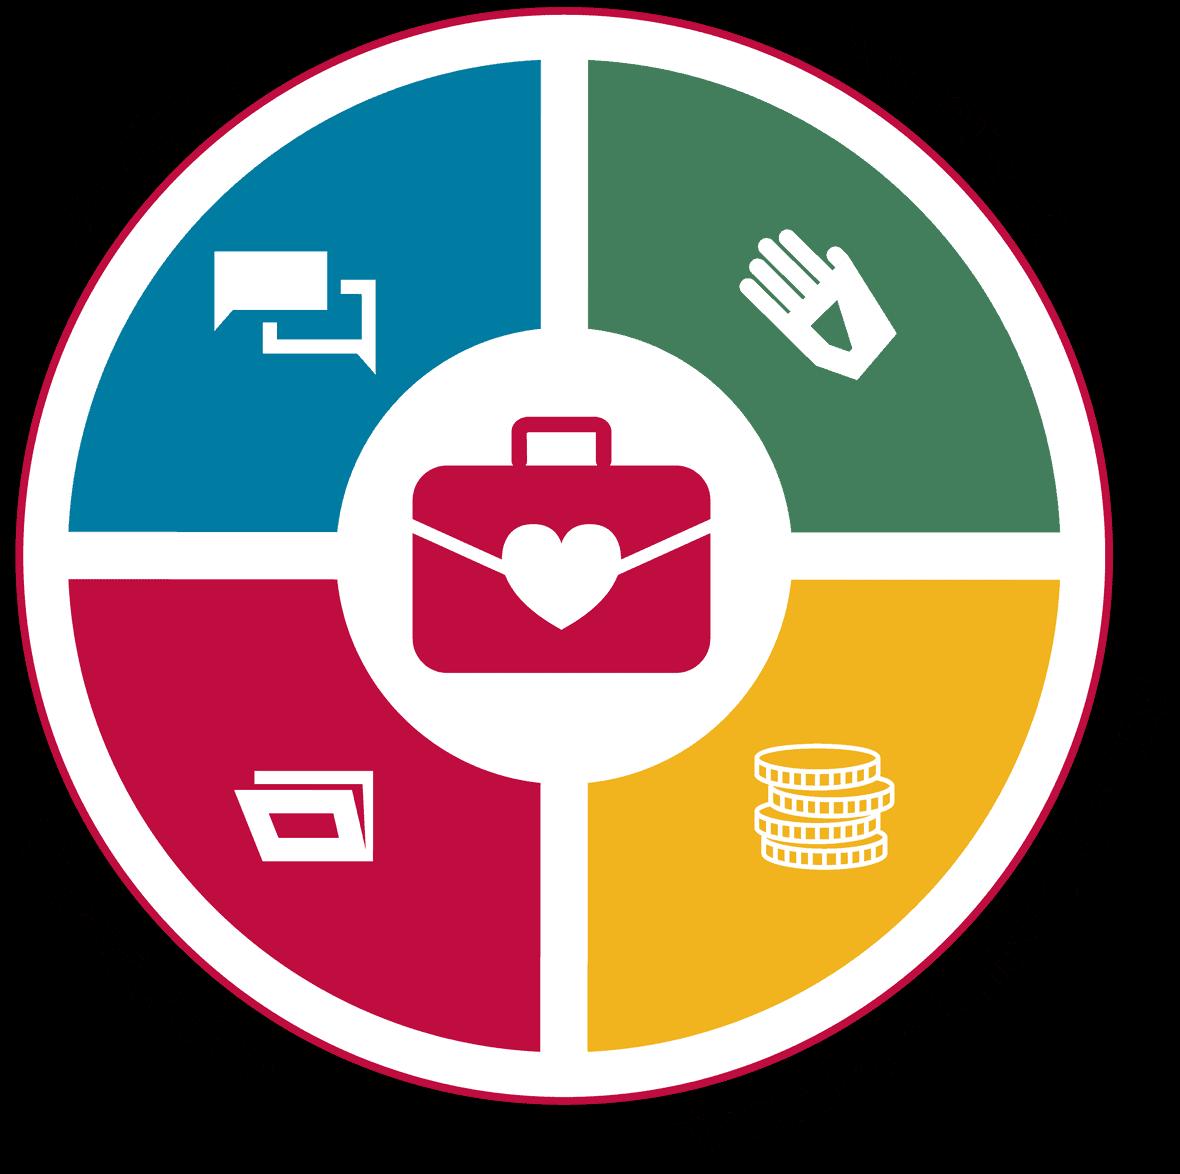 Die Elementer der Betrieblichen Pflegeversicherung